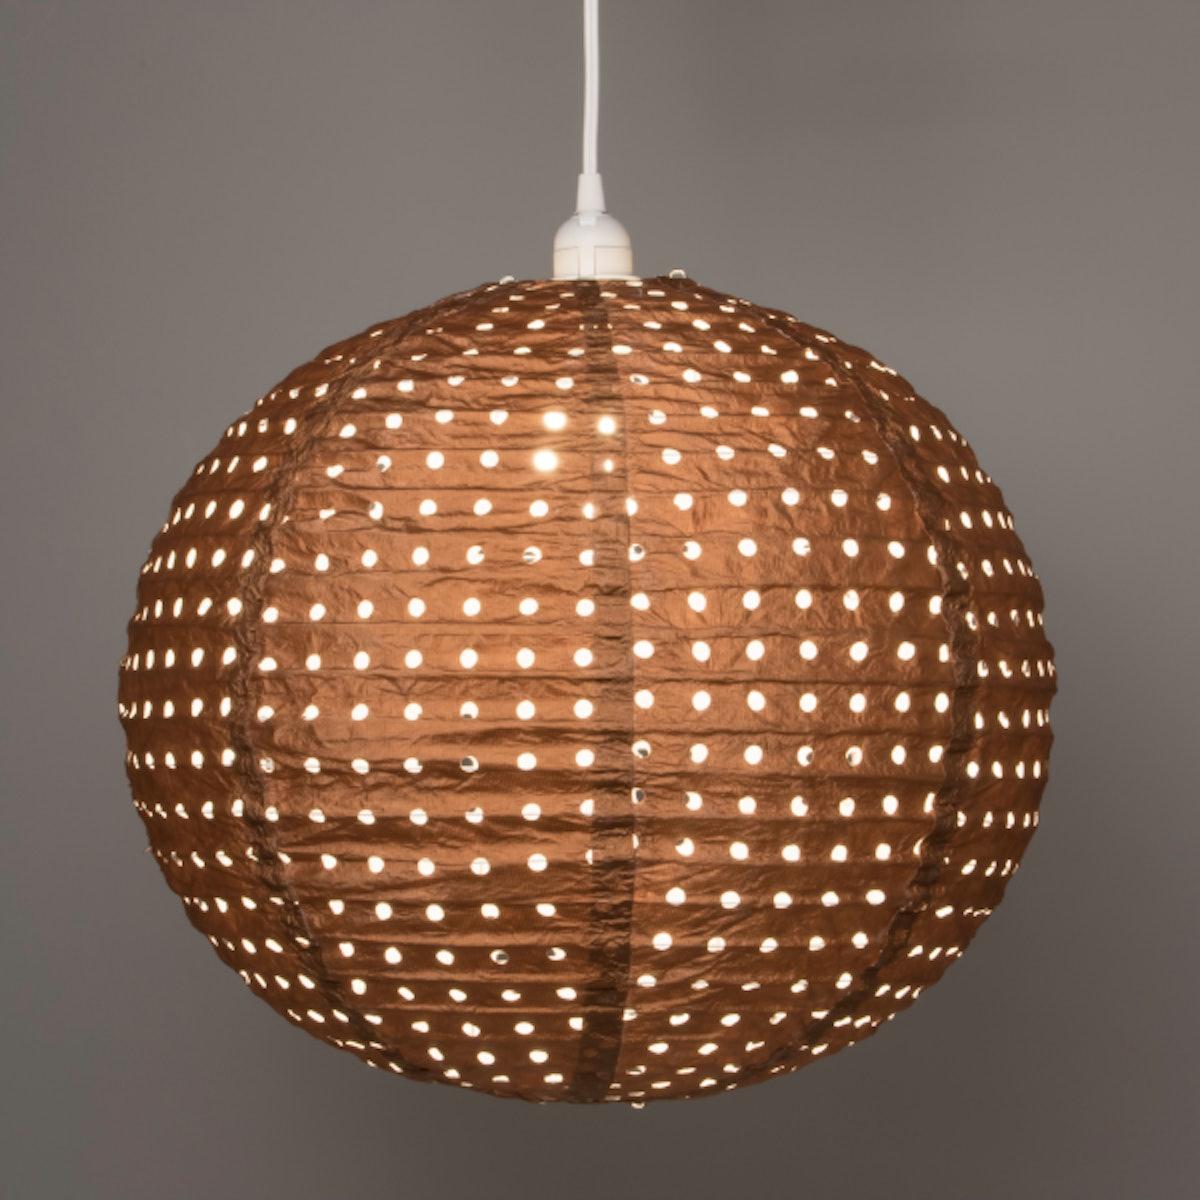 Soji Stella Nova Swiss Dot Copper Indoor/Outdoor Pendant Lamp